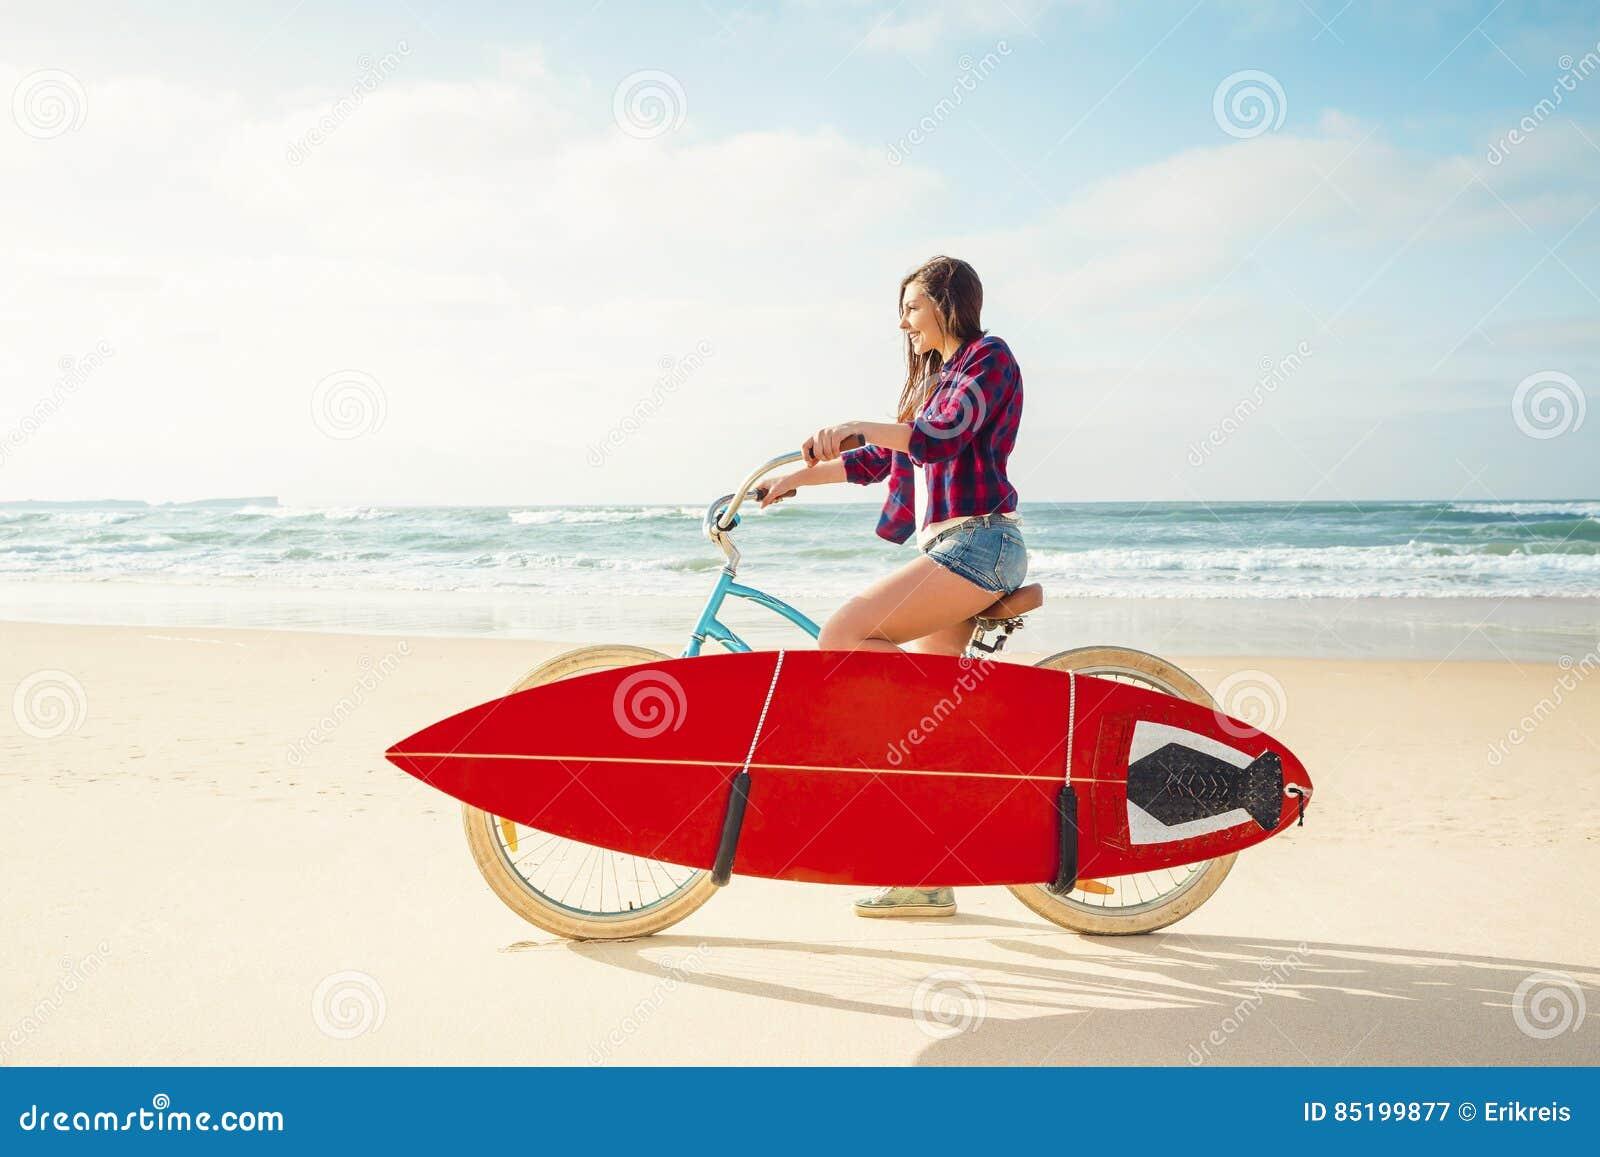 El ir a practicar surf